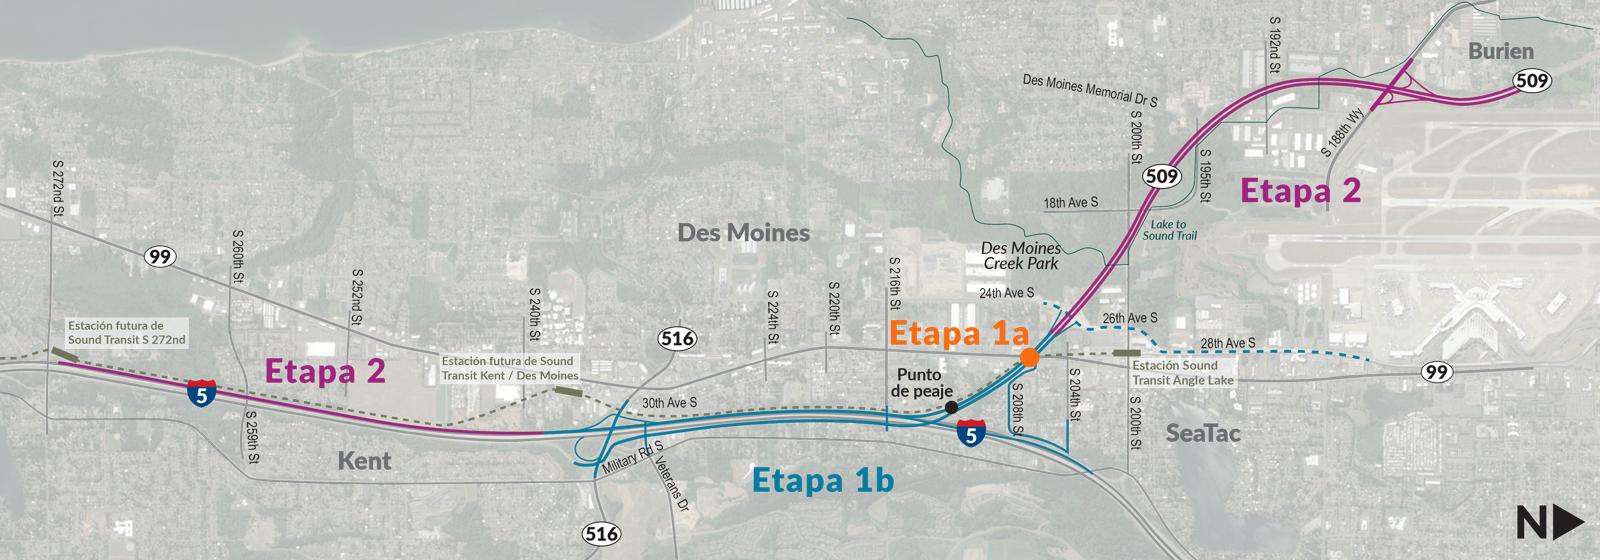 El proyecto mejorará el acceso a través del área con mejoras en el intercambio, nuevas rampas que conectan a la I-5 con la SR 509, y la primera milla de la vía Expressway en la SR 509